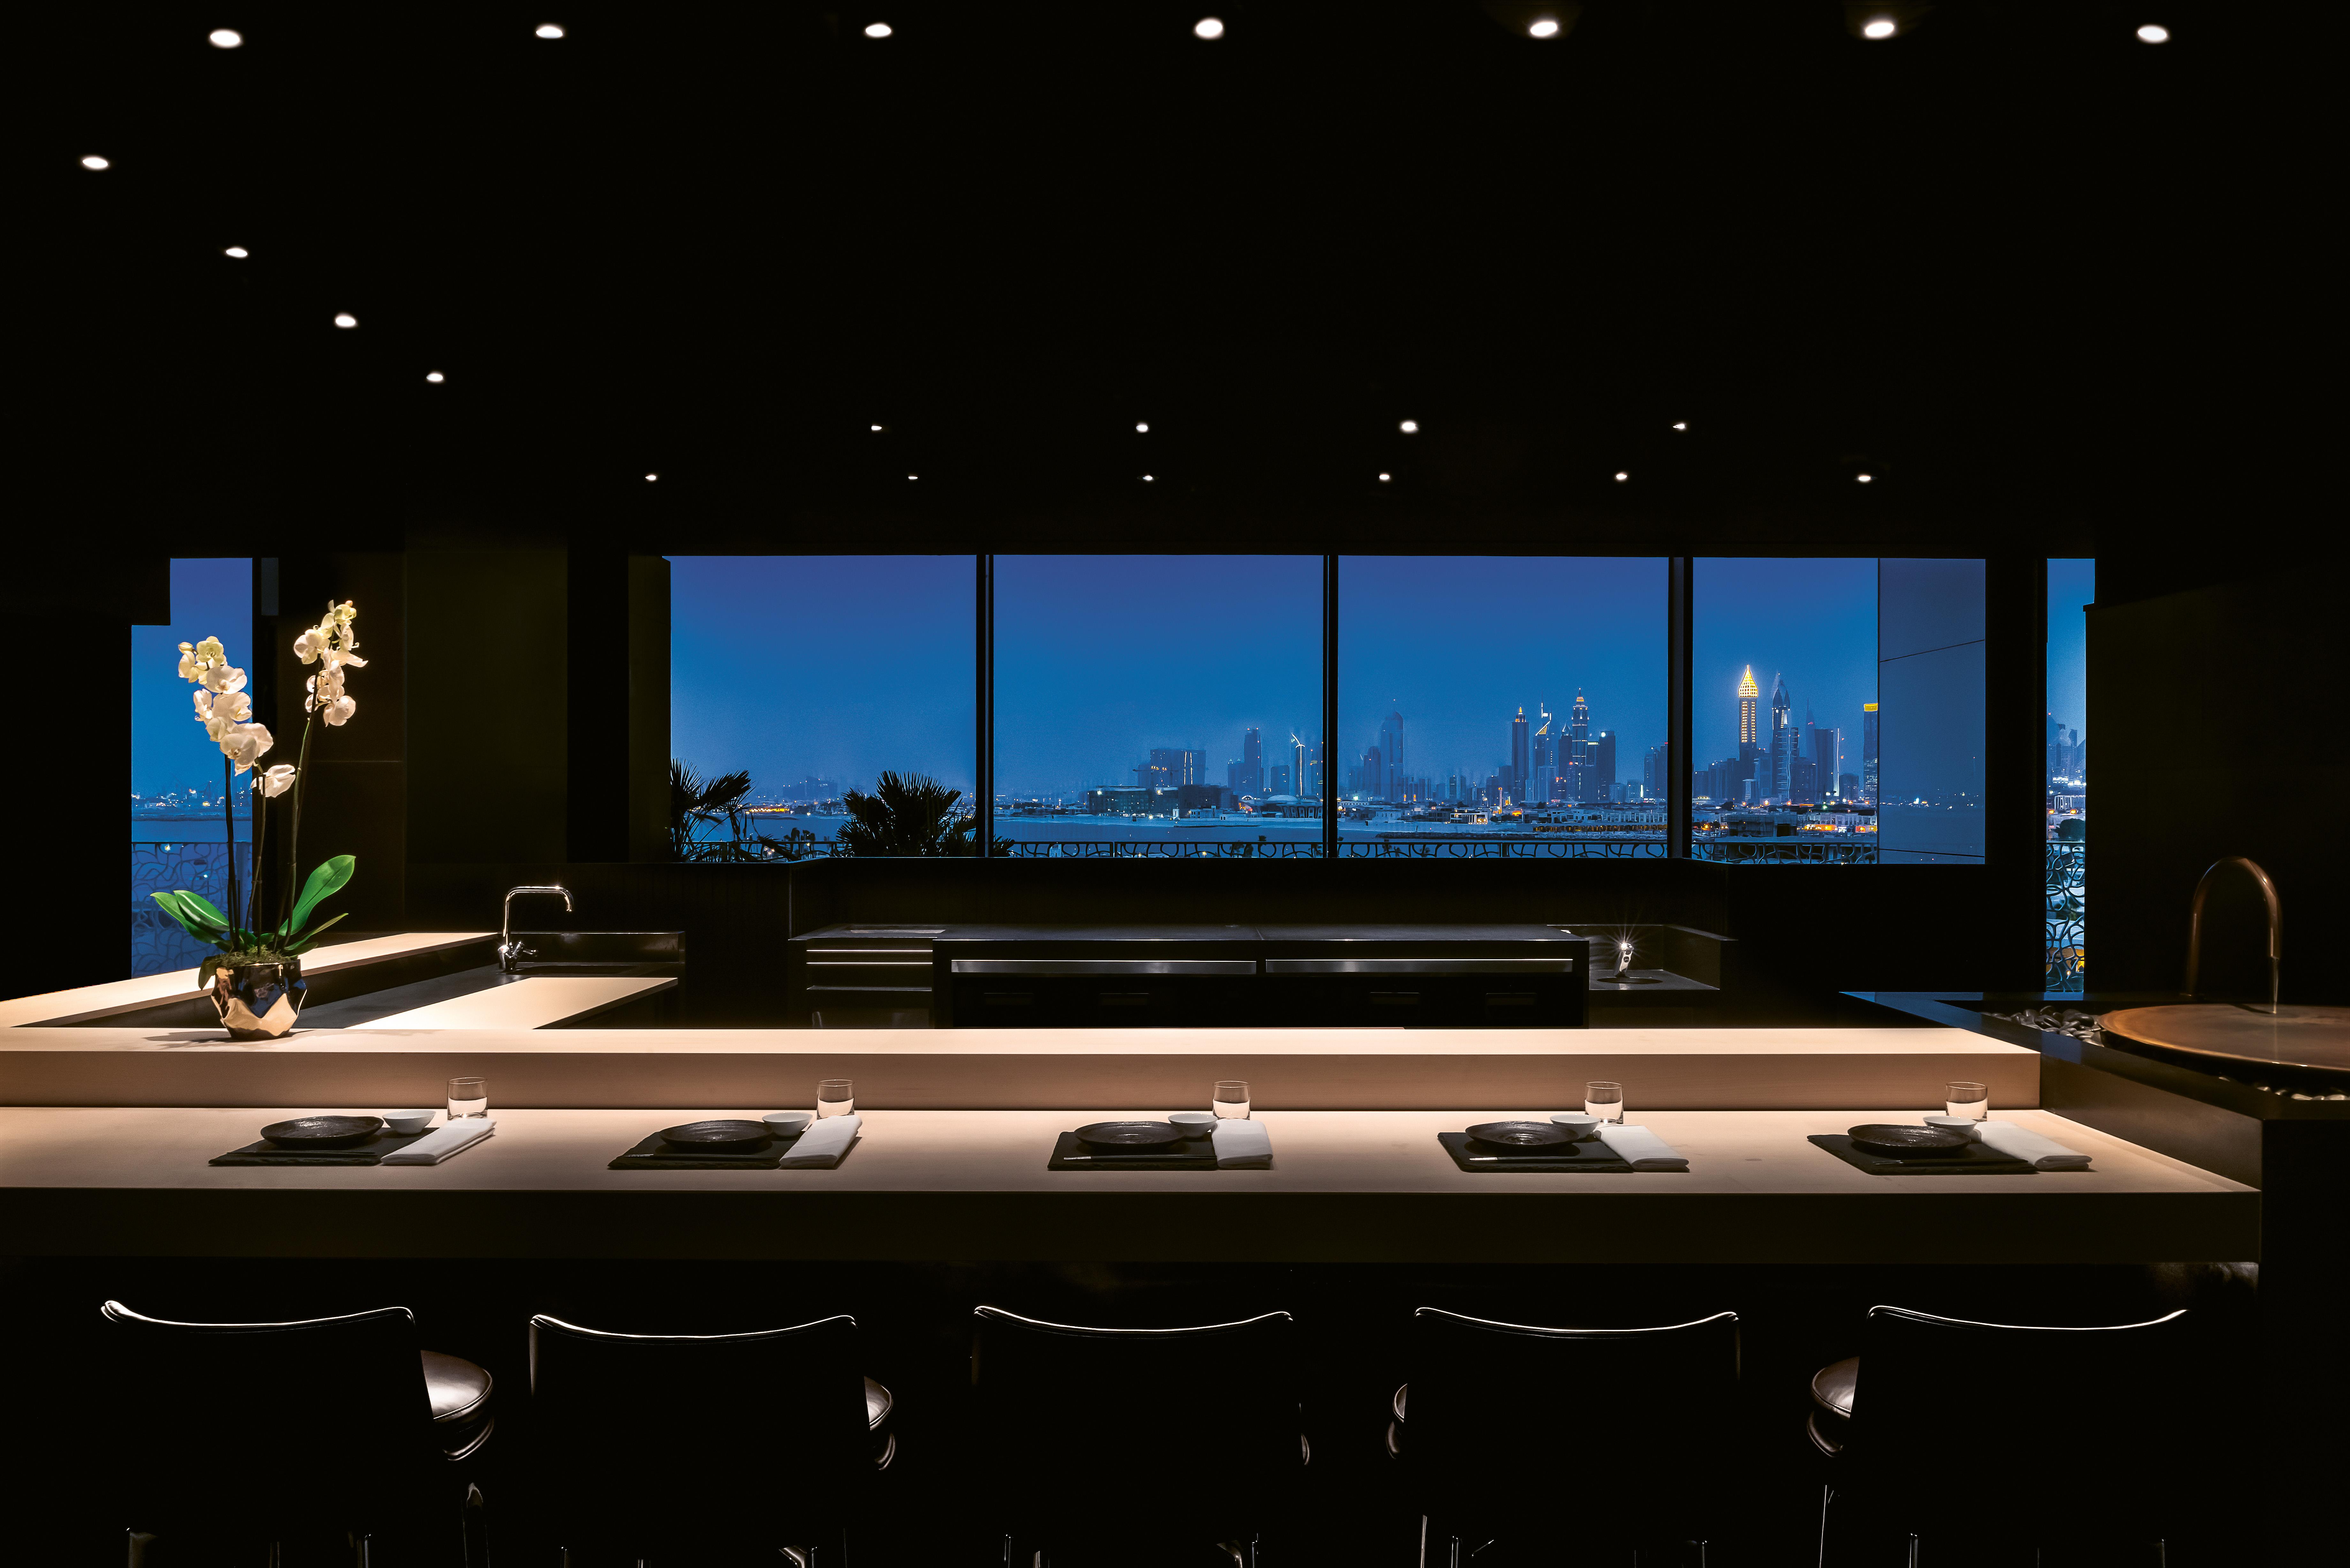 BVLGARI Resort Dubai - Hoseki Counter by Night